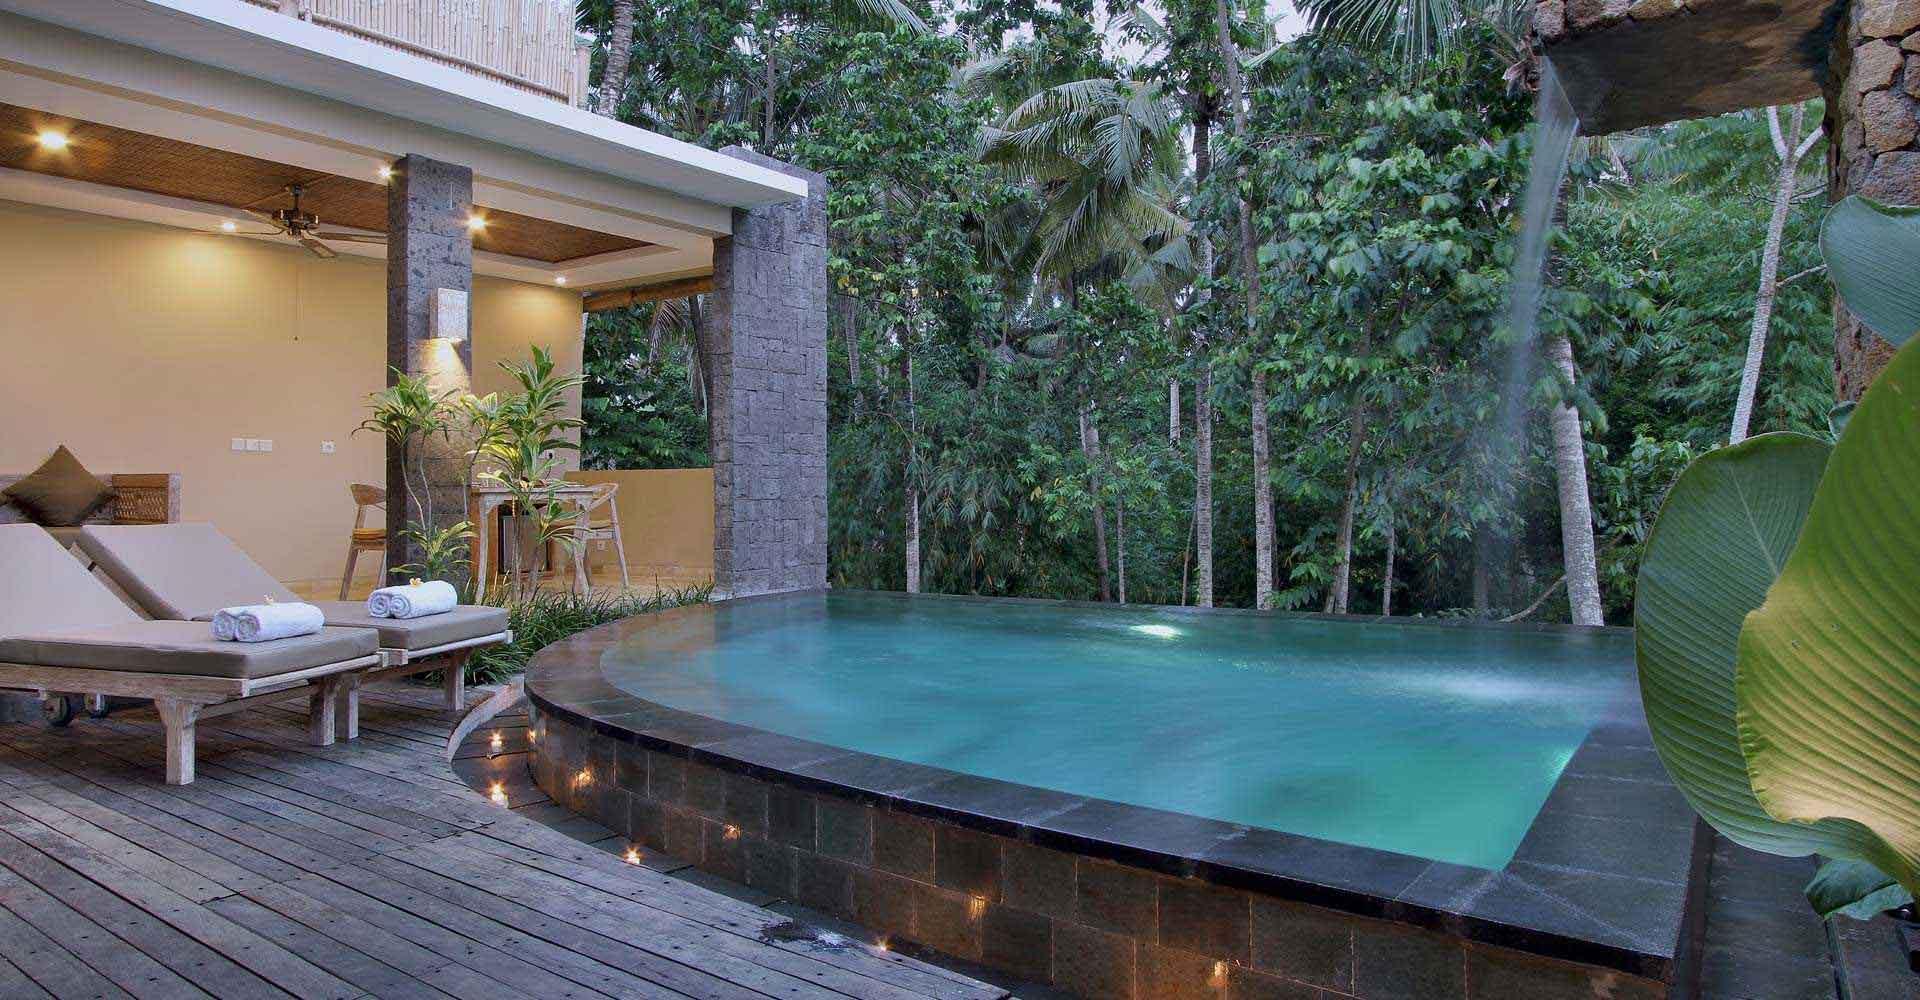 Private pool villas alena ubud resort official website for Garden pool villa ubud village resort